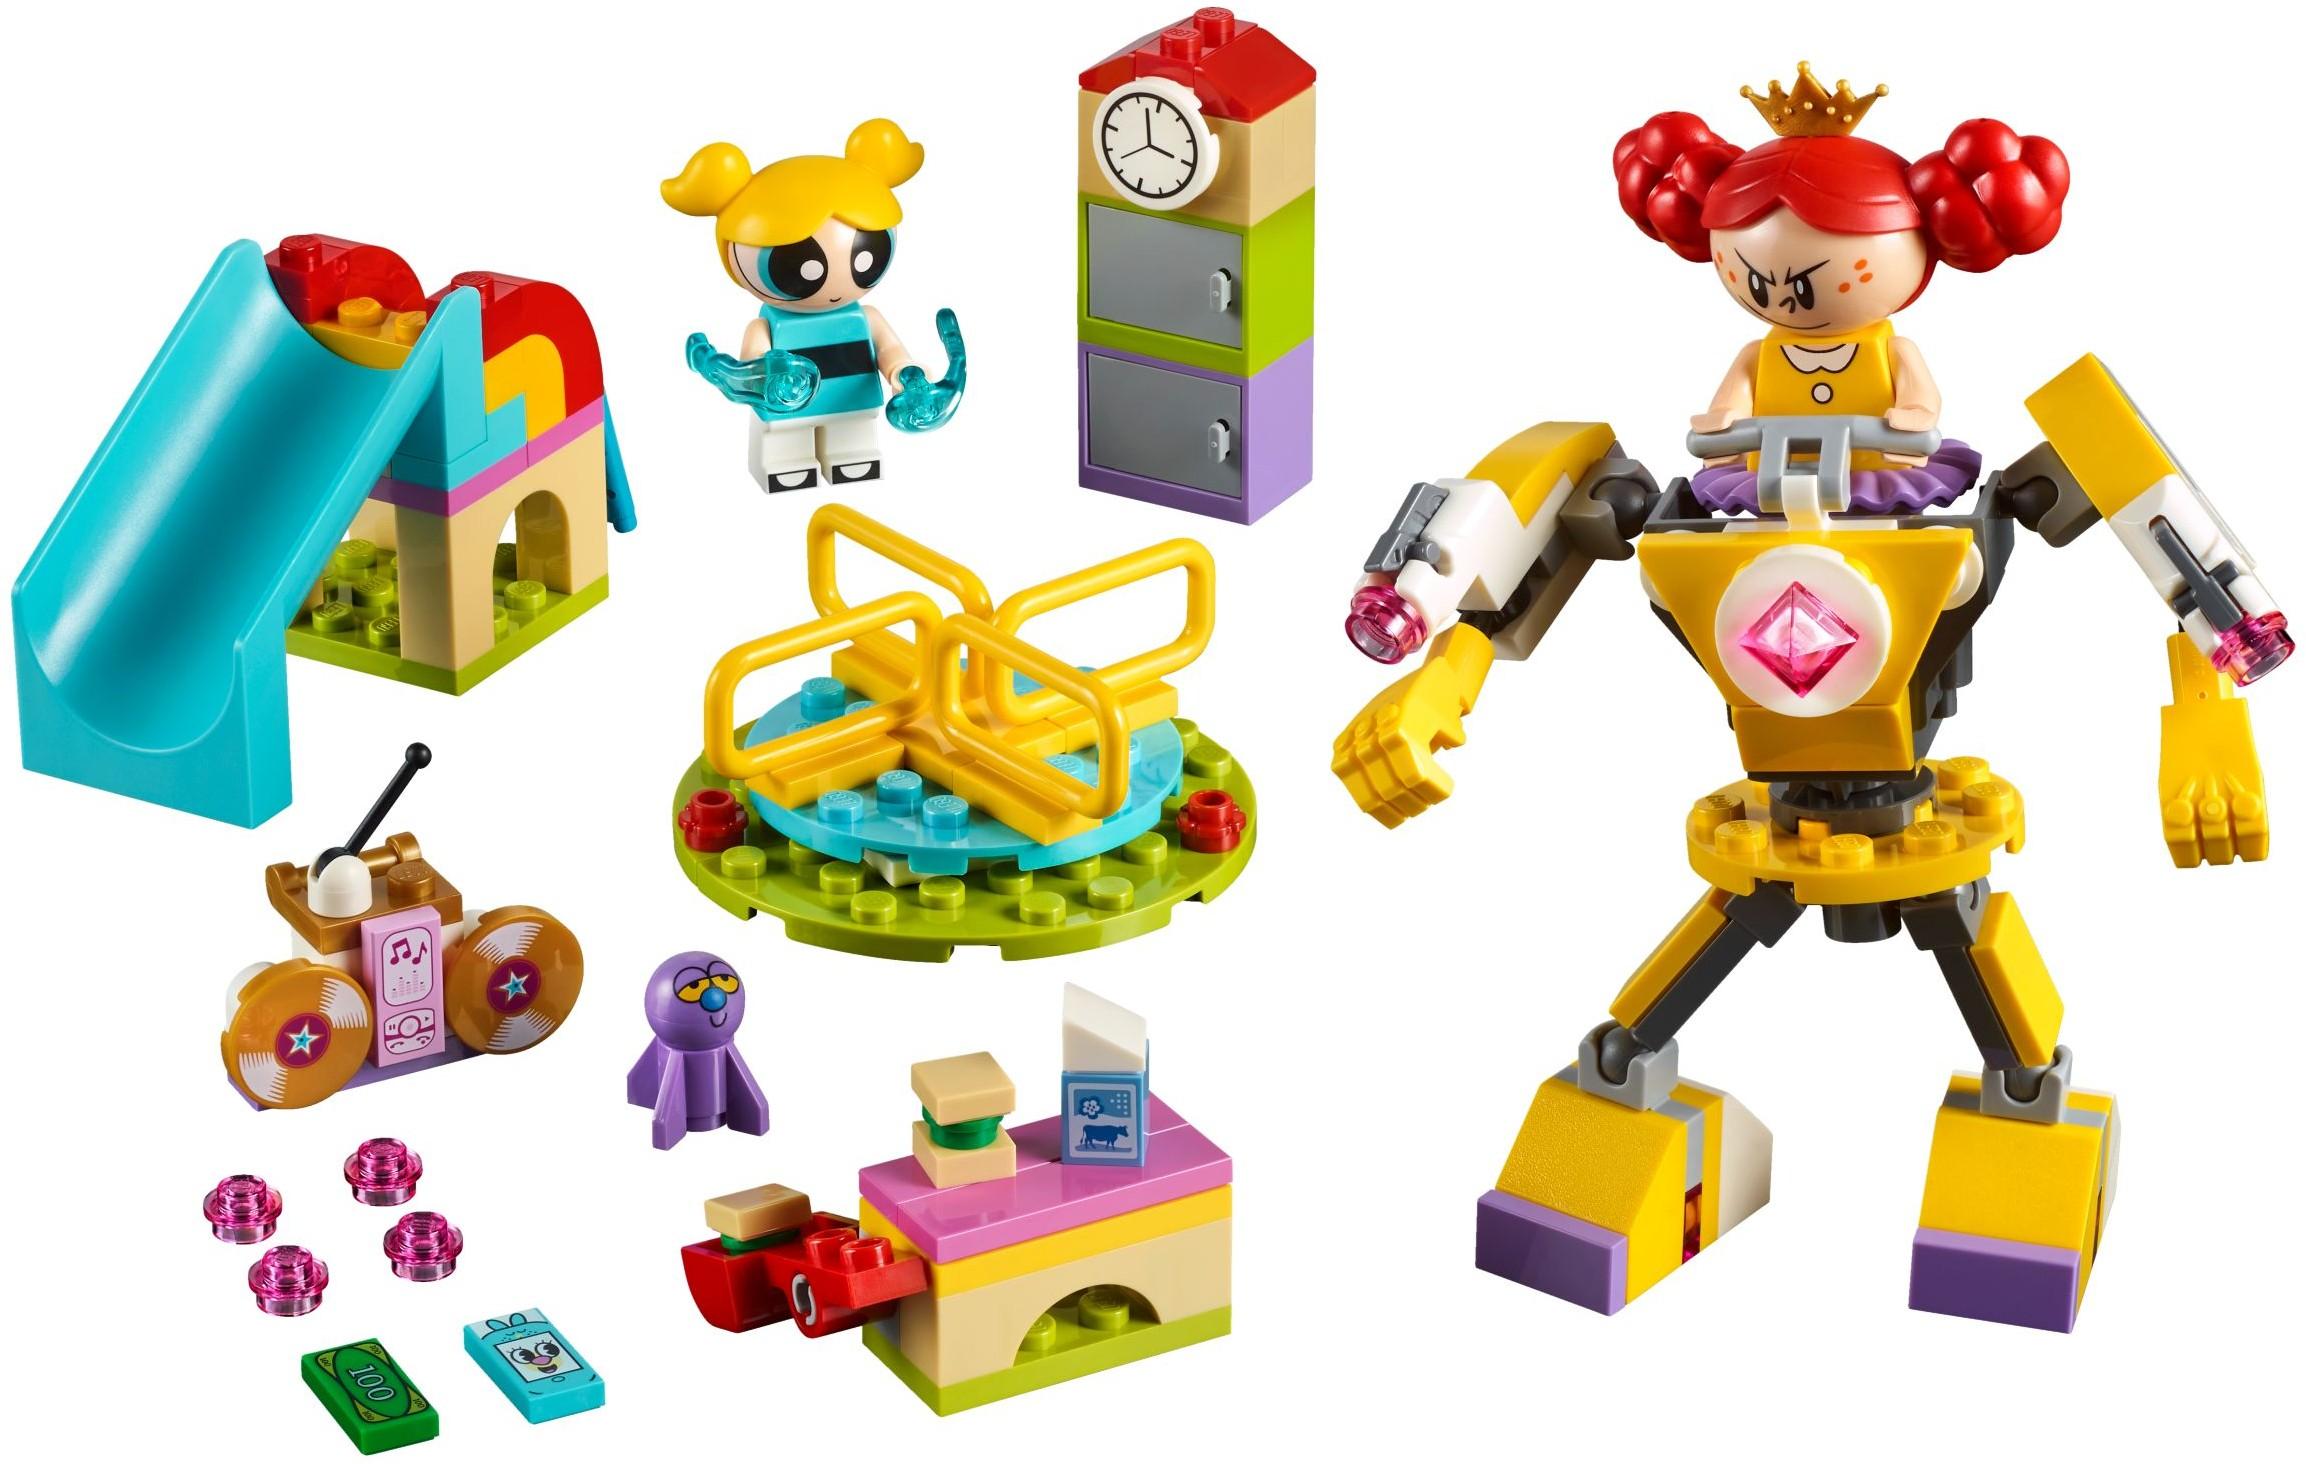 2018 The Powerpuff Girls Brickset Lego Set Guide And Database